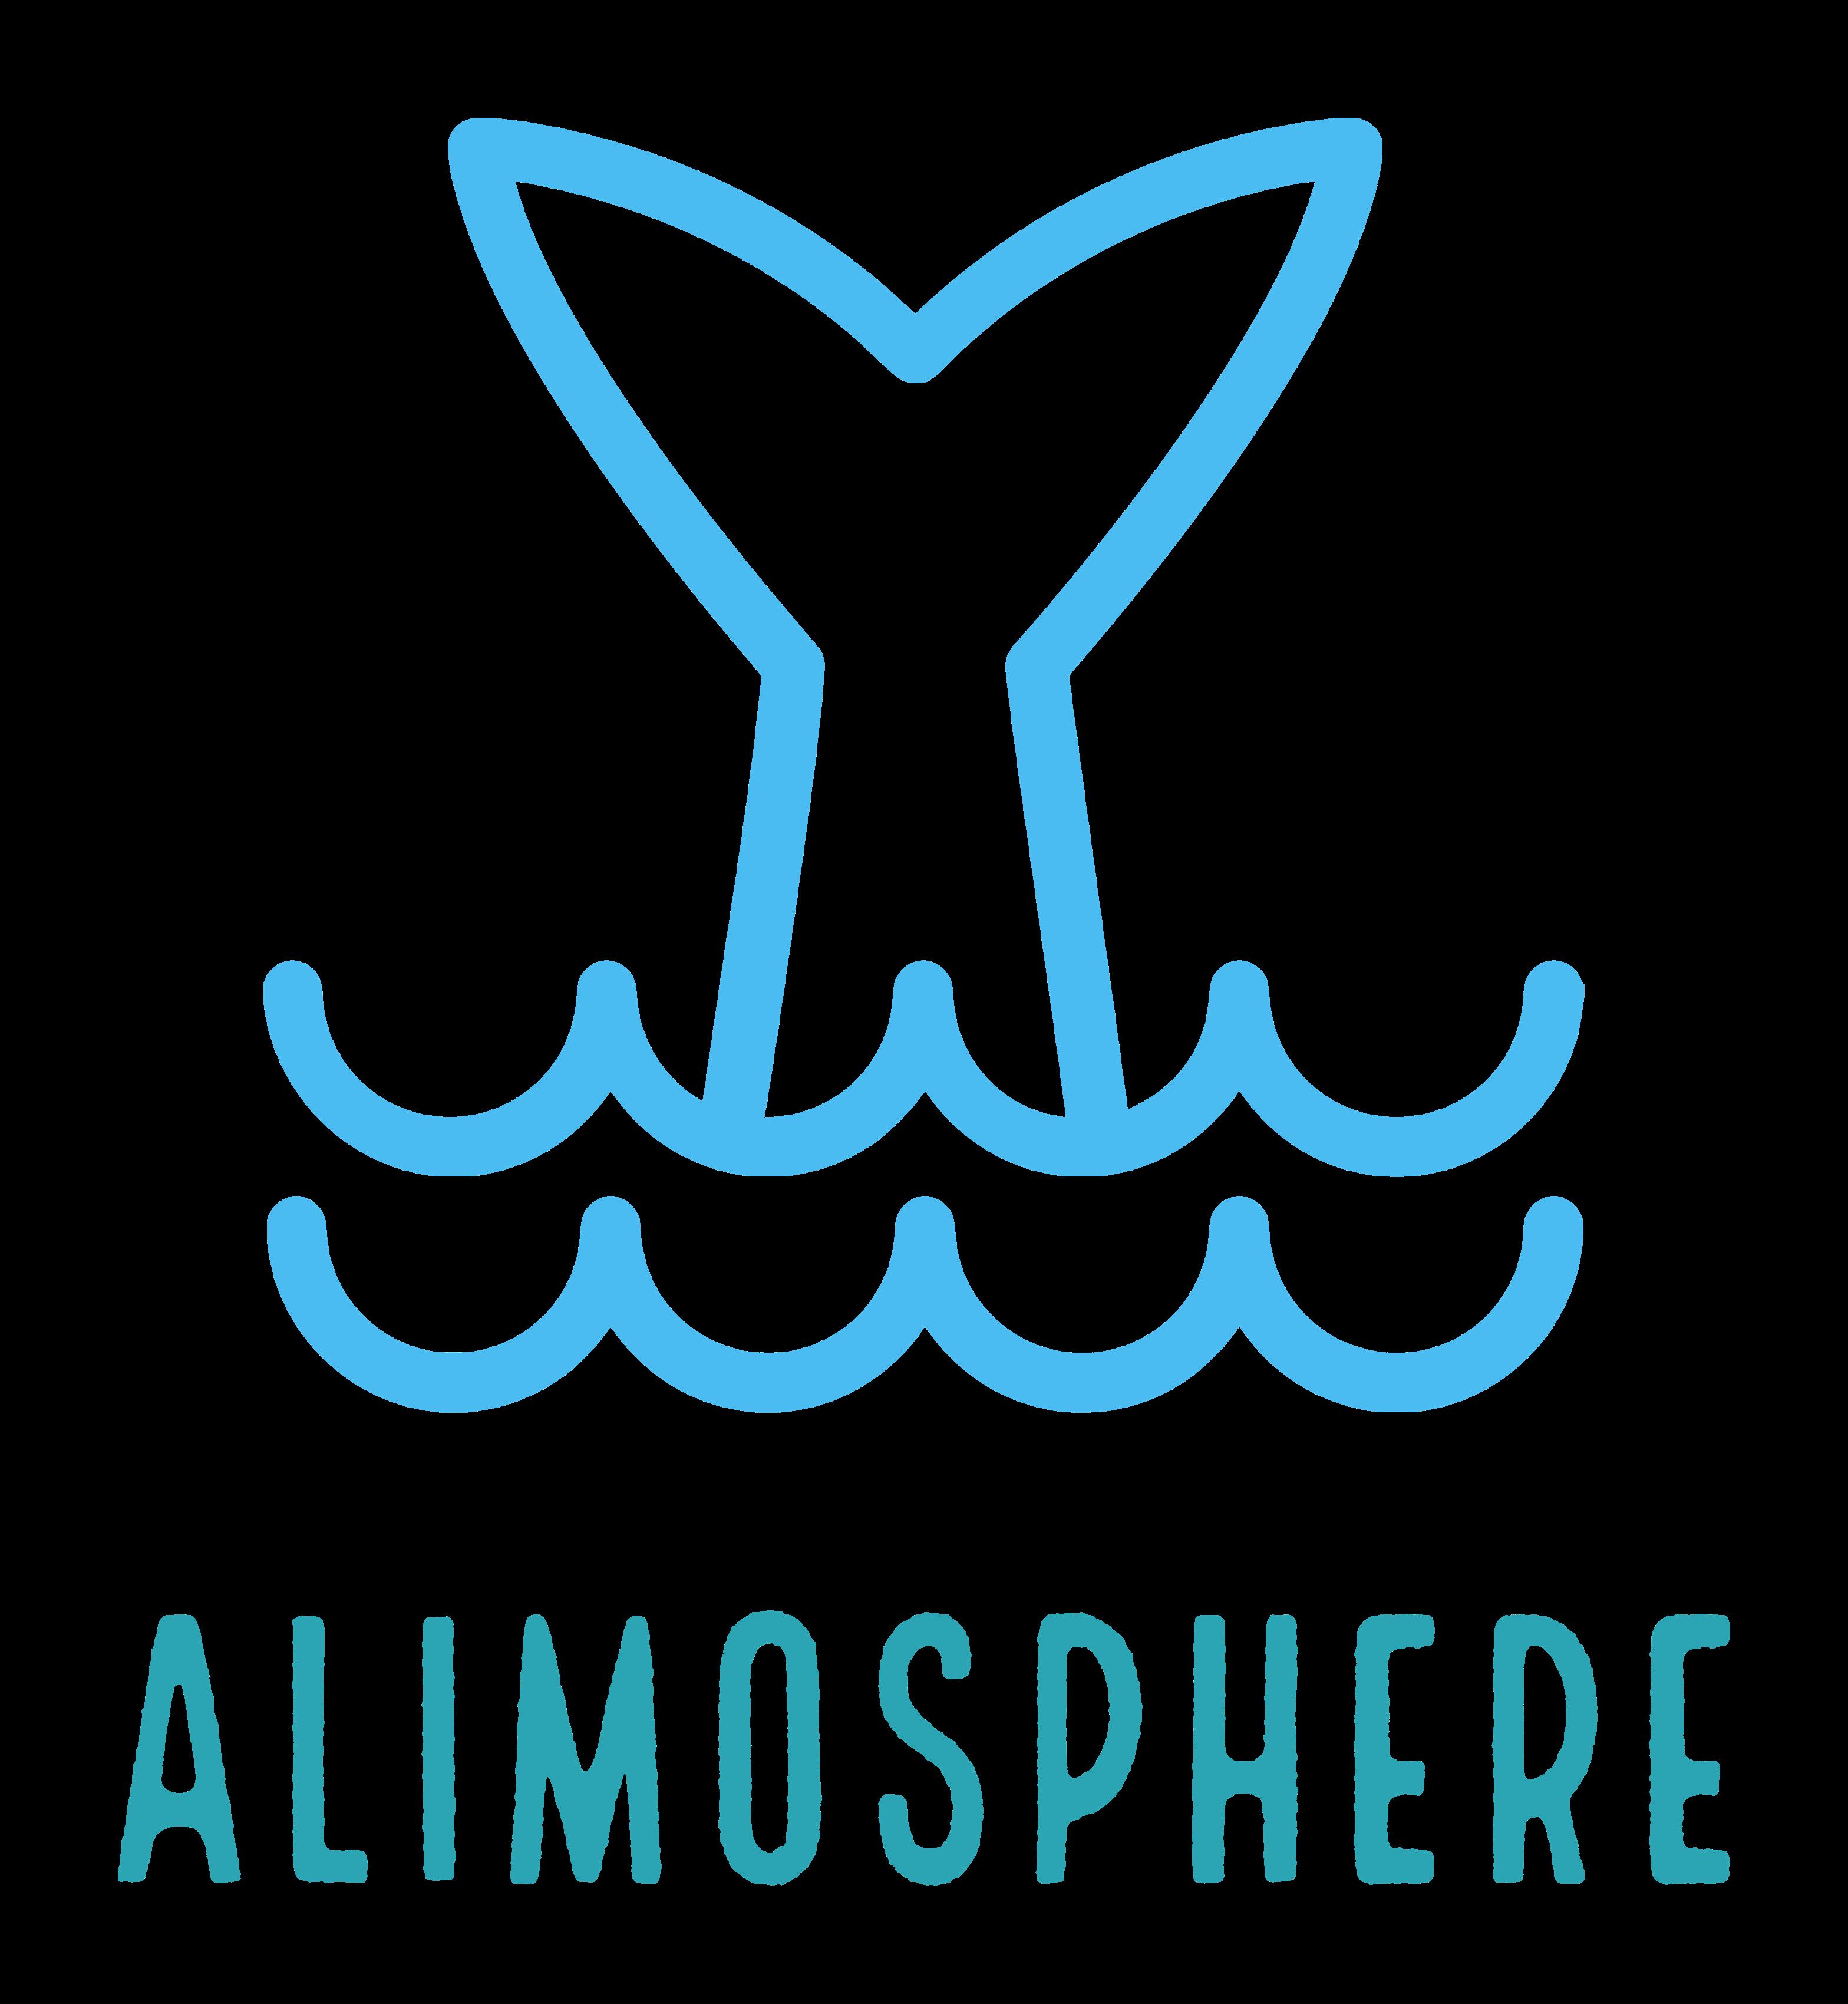 Alimosphere